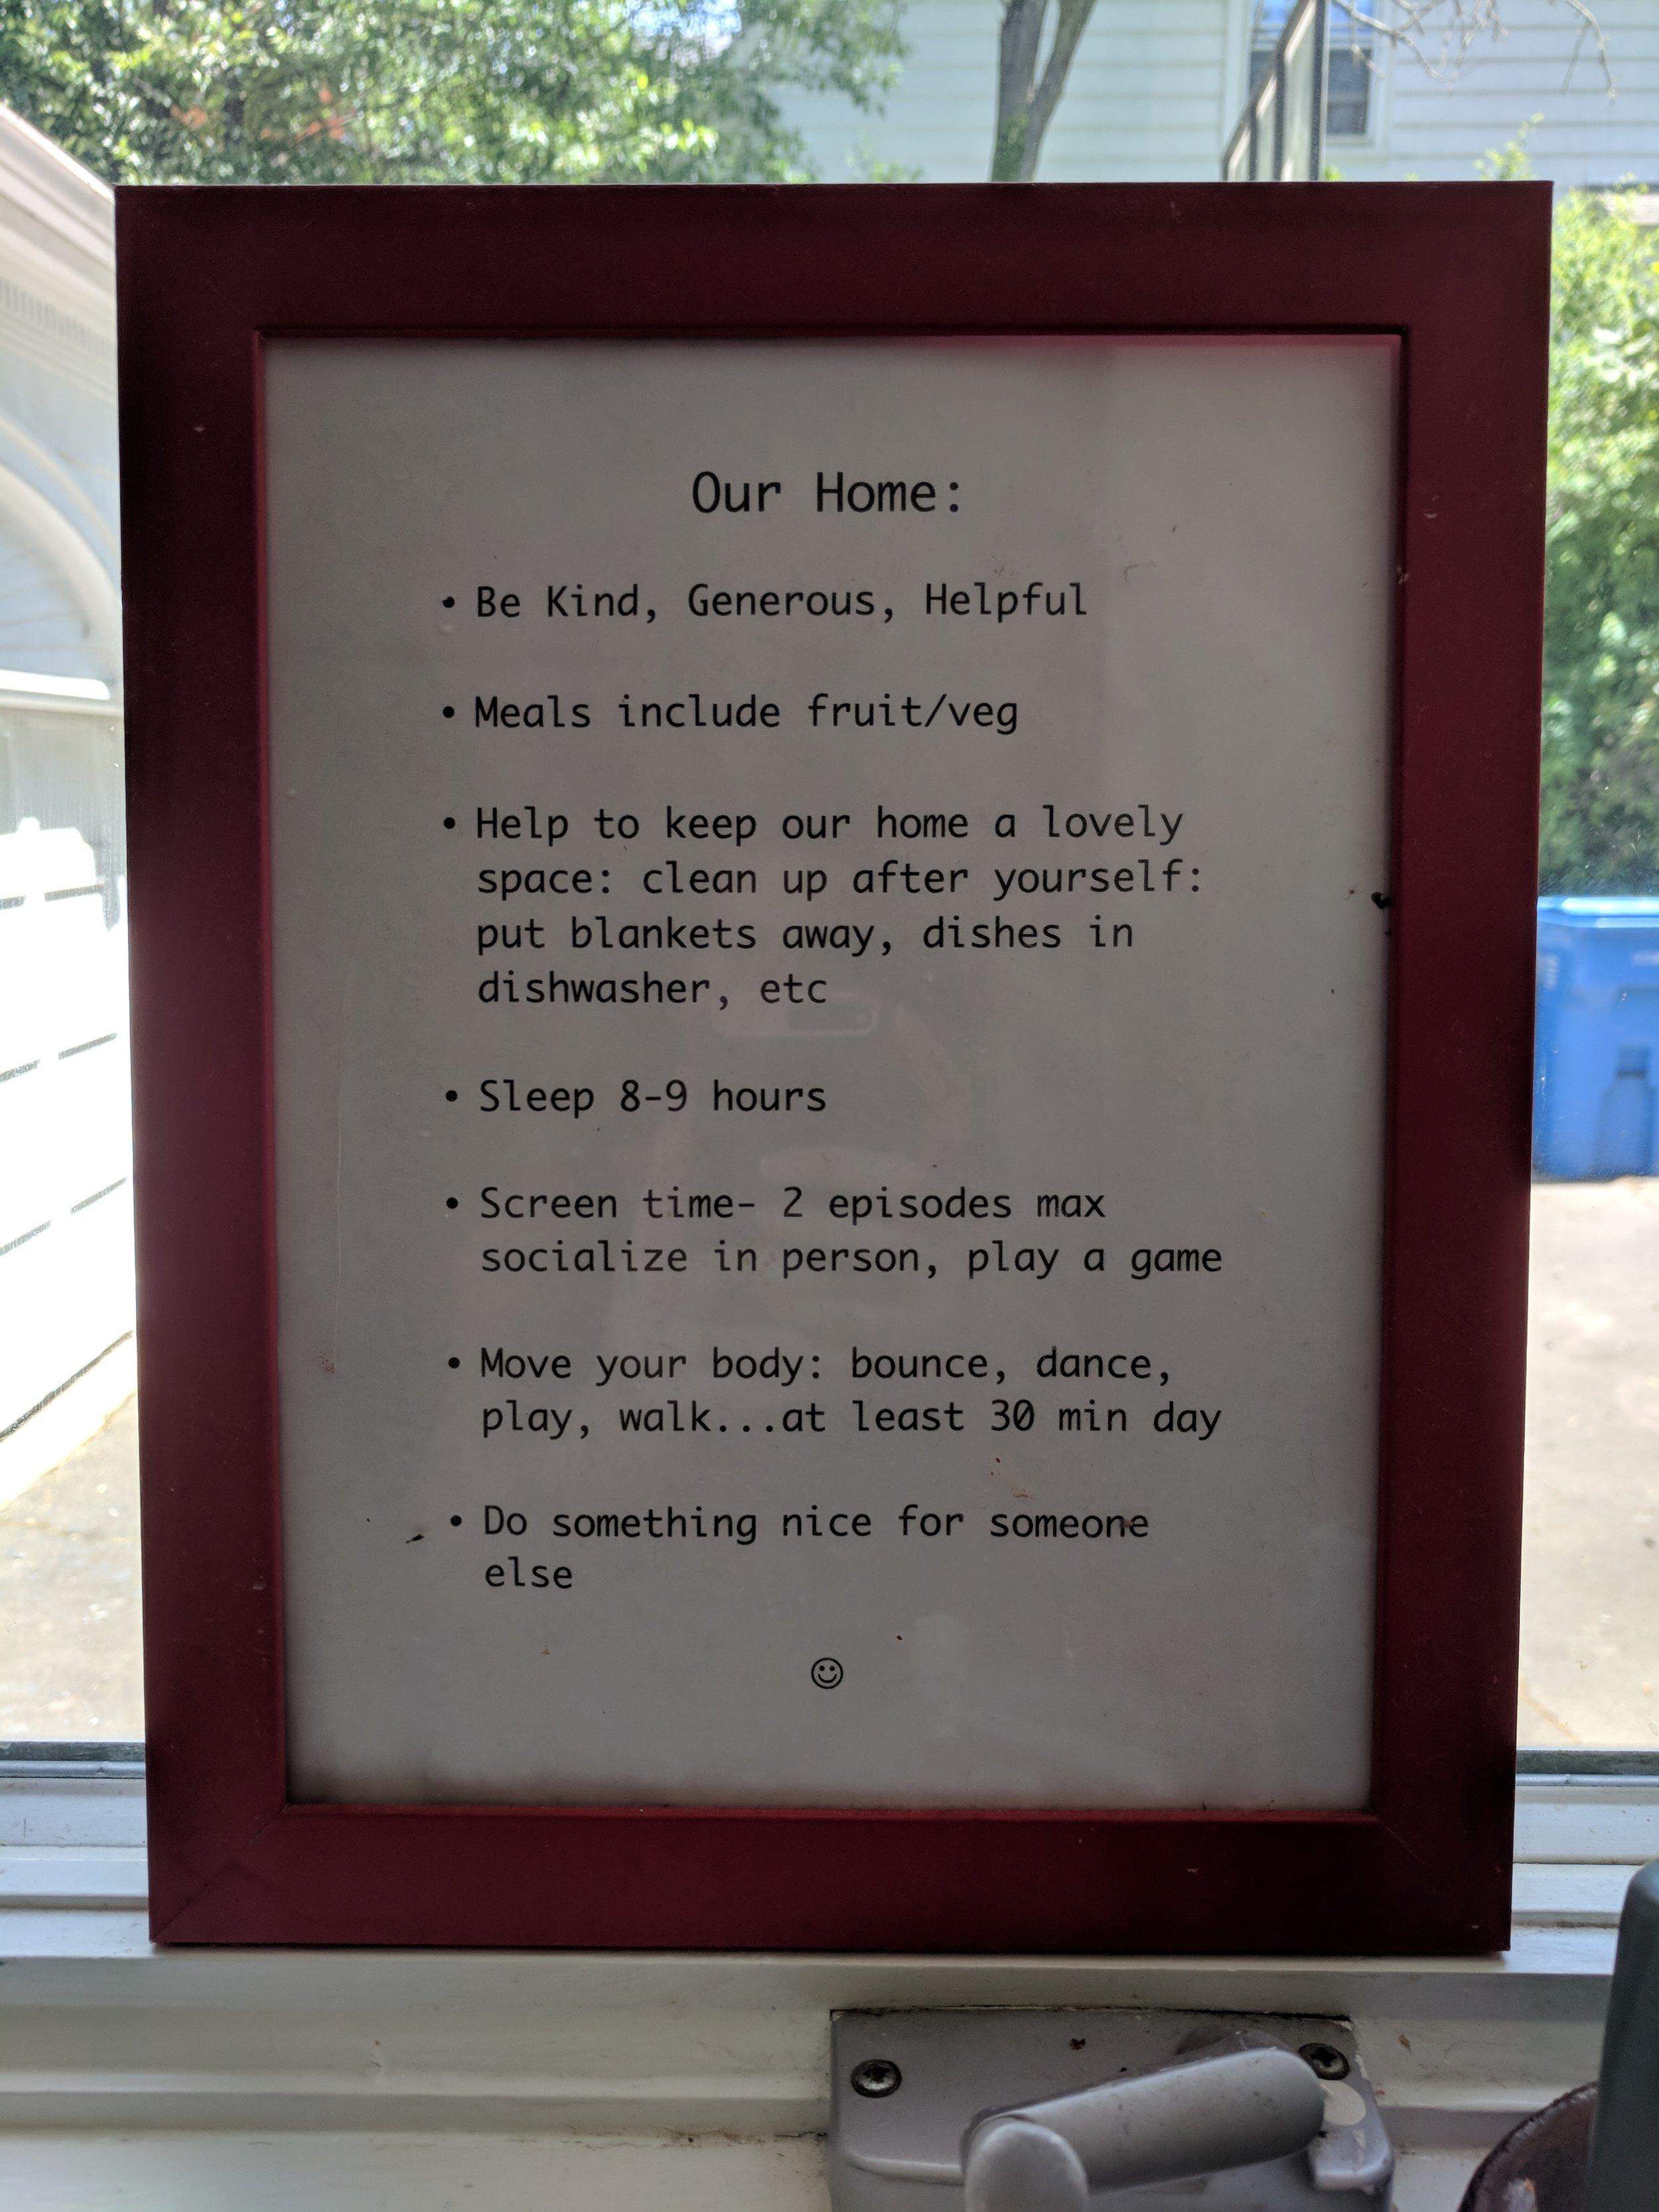 Hamden house rules